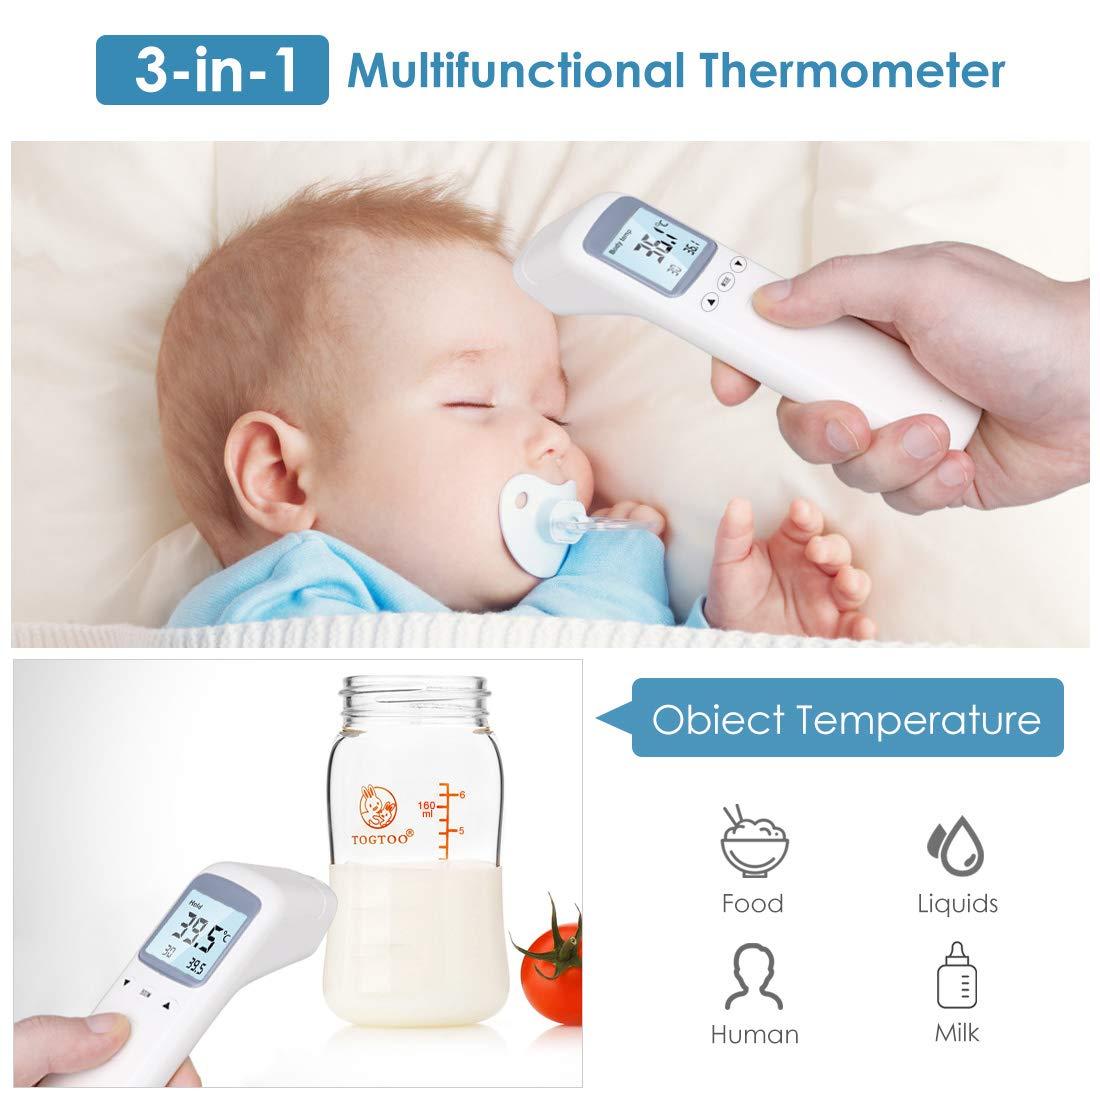 Stirnthermometer Intelligent und pr/äzise Multi-Mode-Thermometer Erwachsene Elektronisches Stirn//Ohren-Thermometer f/ür Baby